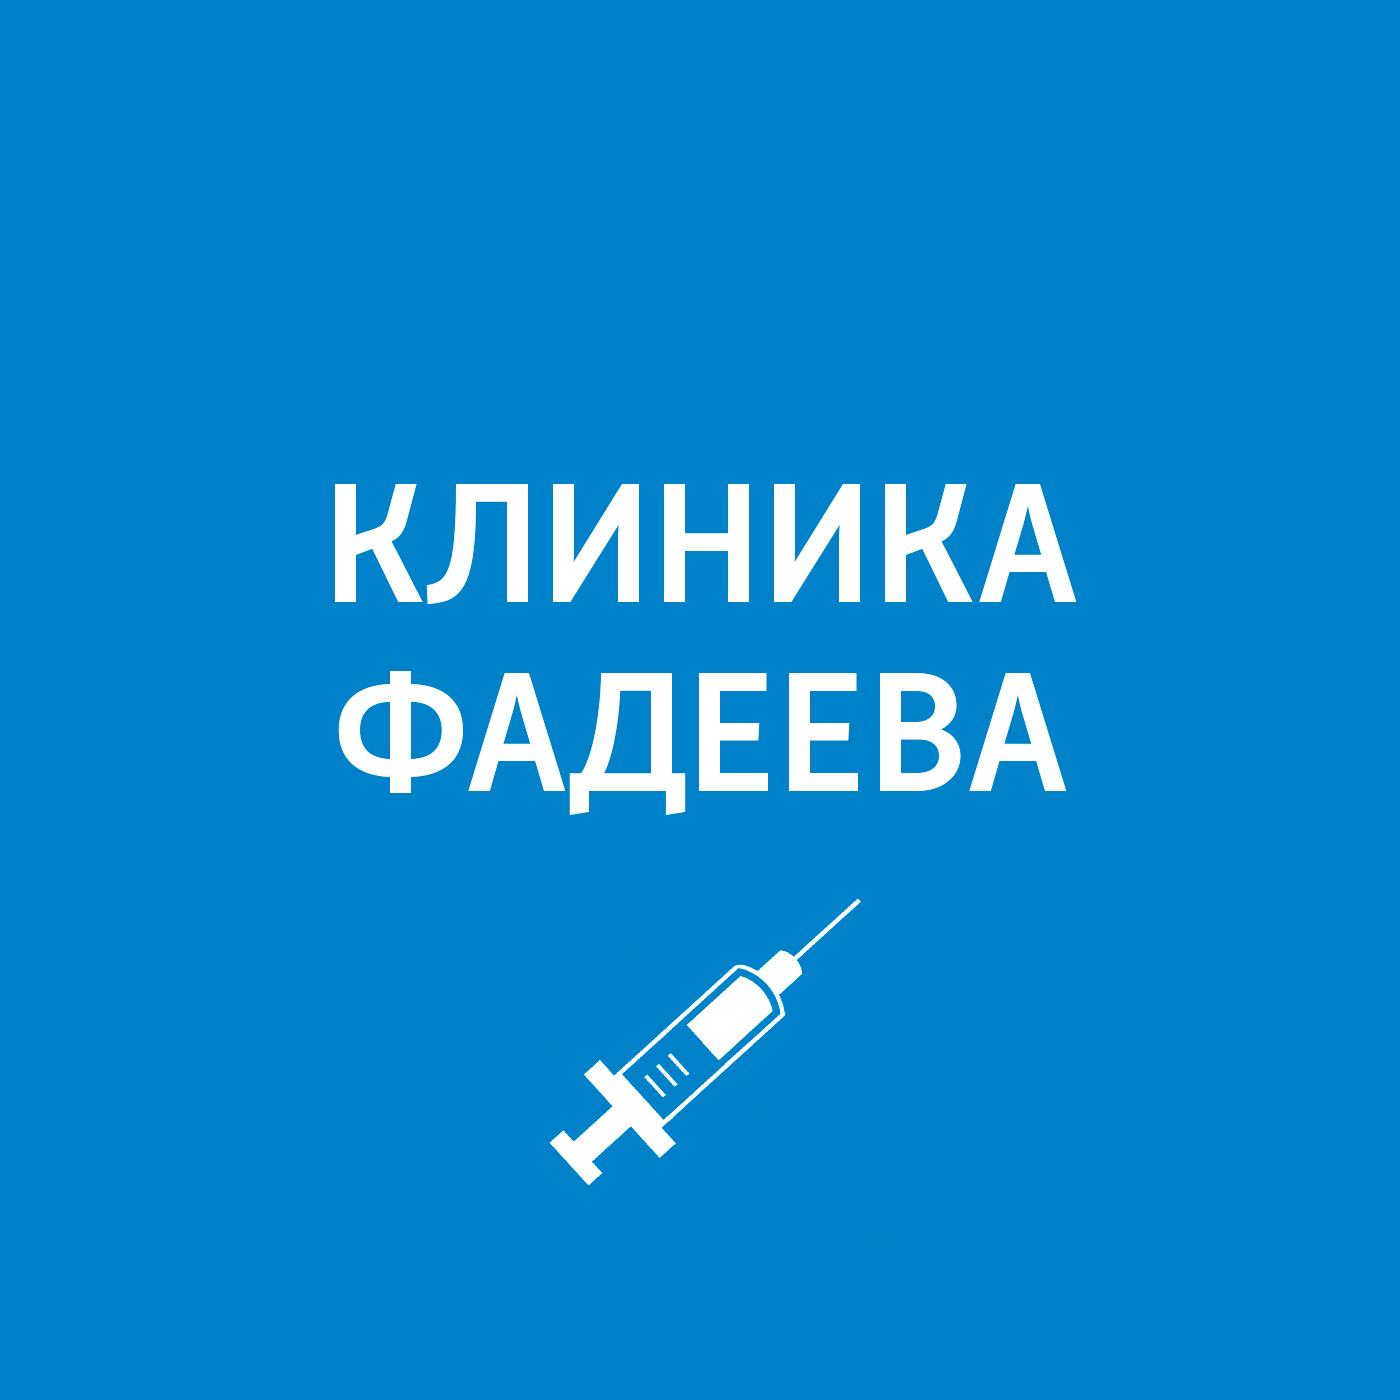 Пётр Фадеев Приём ведёт флеболог. Забота о венах все о напитках